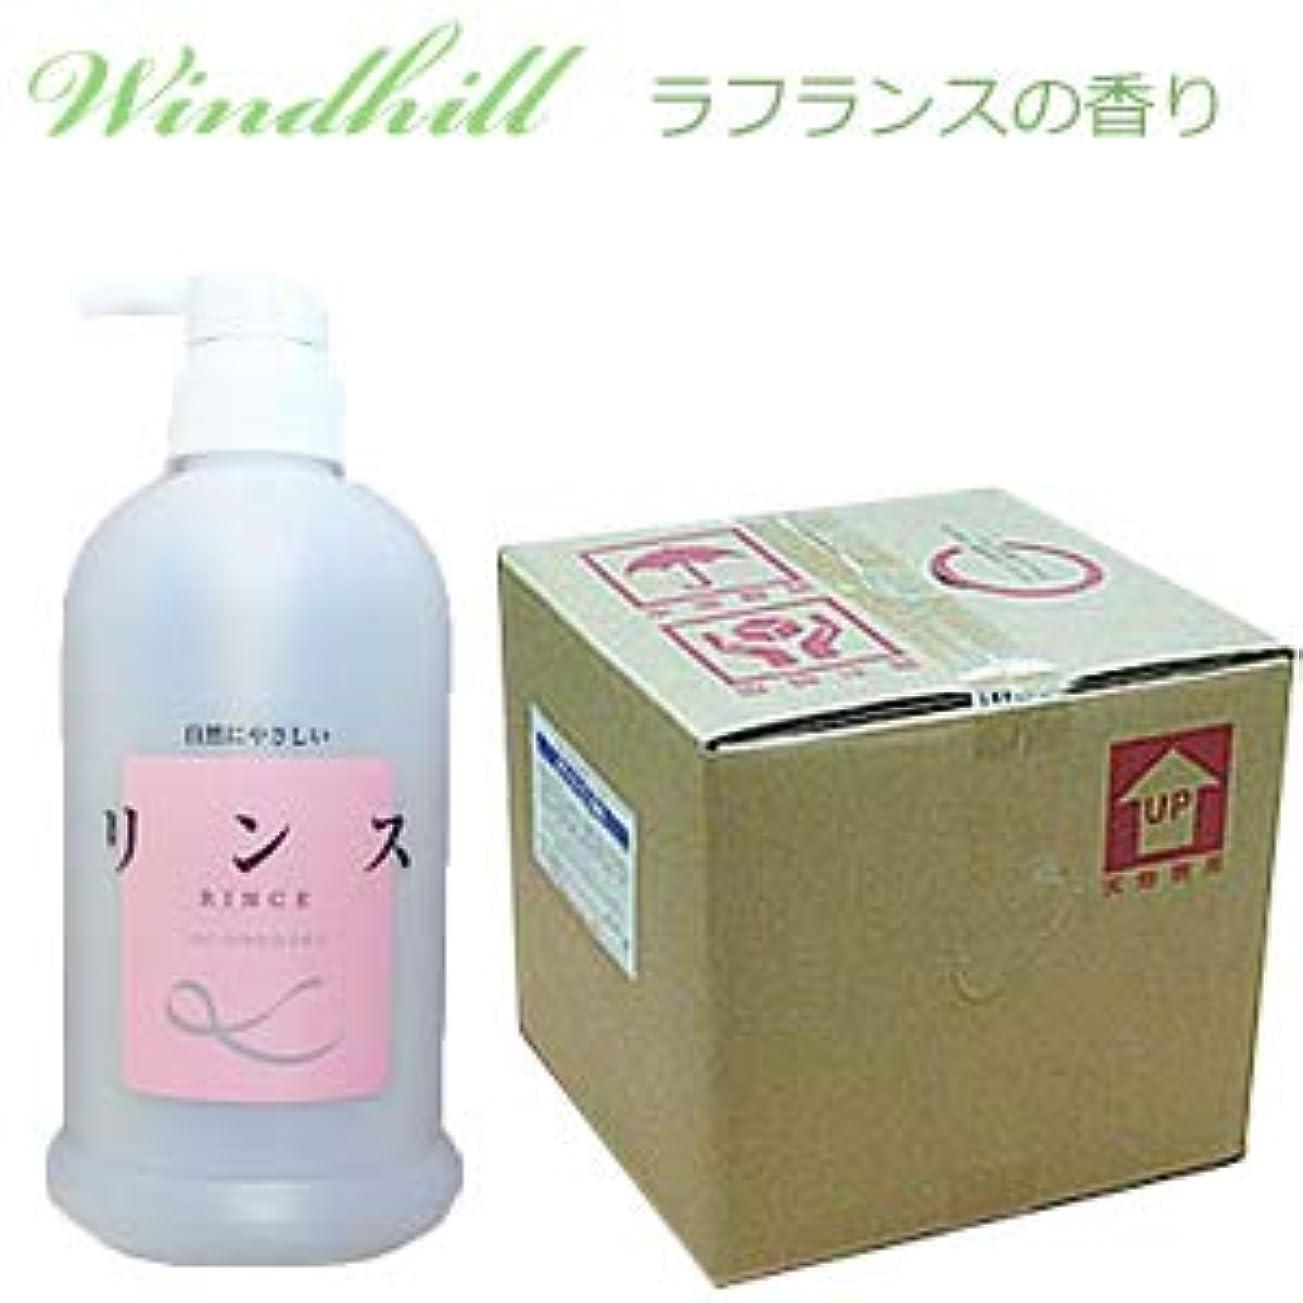 名詞騒々しいキモいなんと! 500ml当り173円 Windhill 植物性 業務用 リンス  爽やかなラフランスの香り 20L